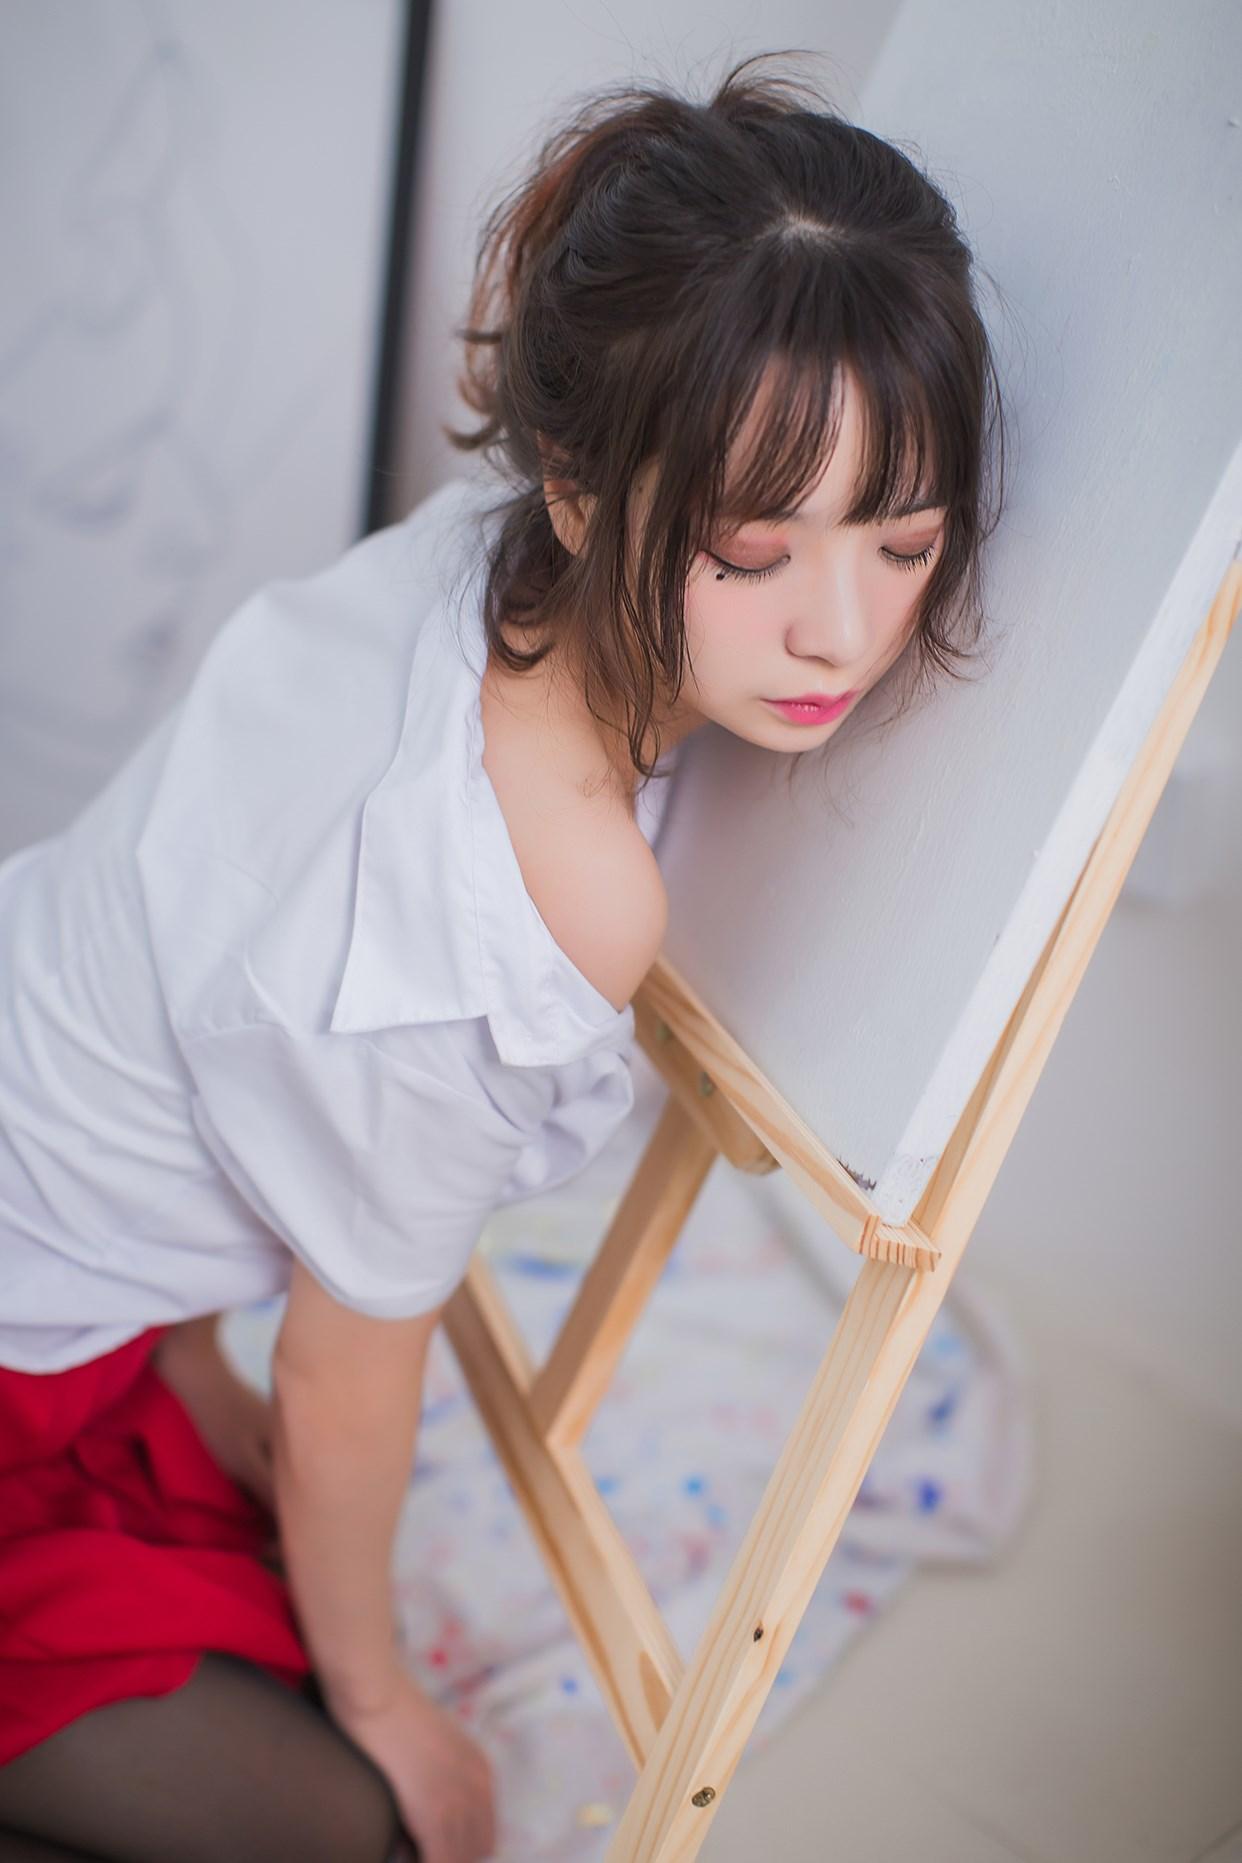 【兔玩映画】黑丝 · JK · 少女 兔玩映画 第14张